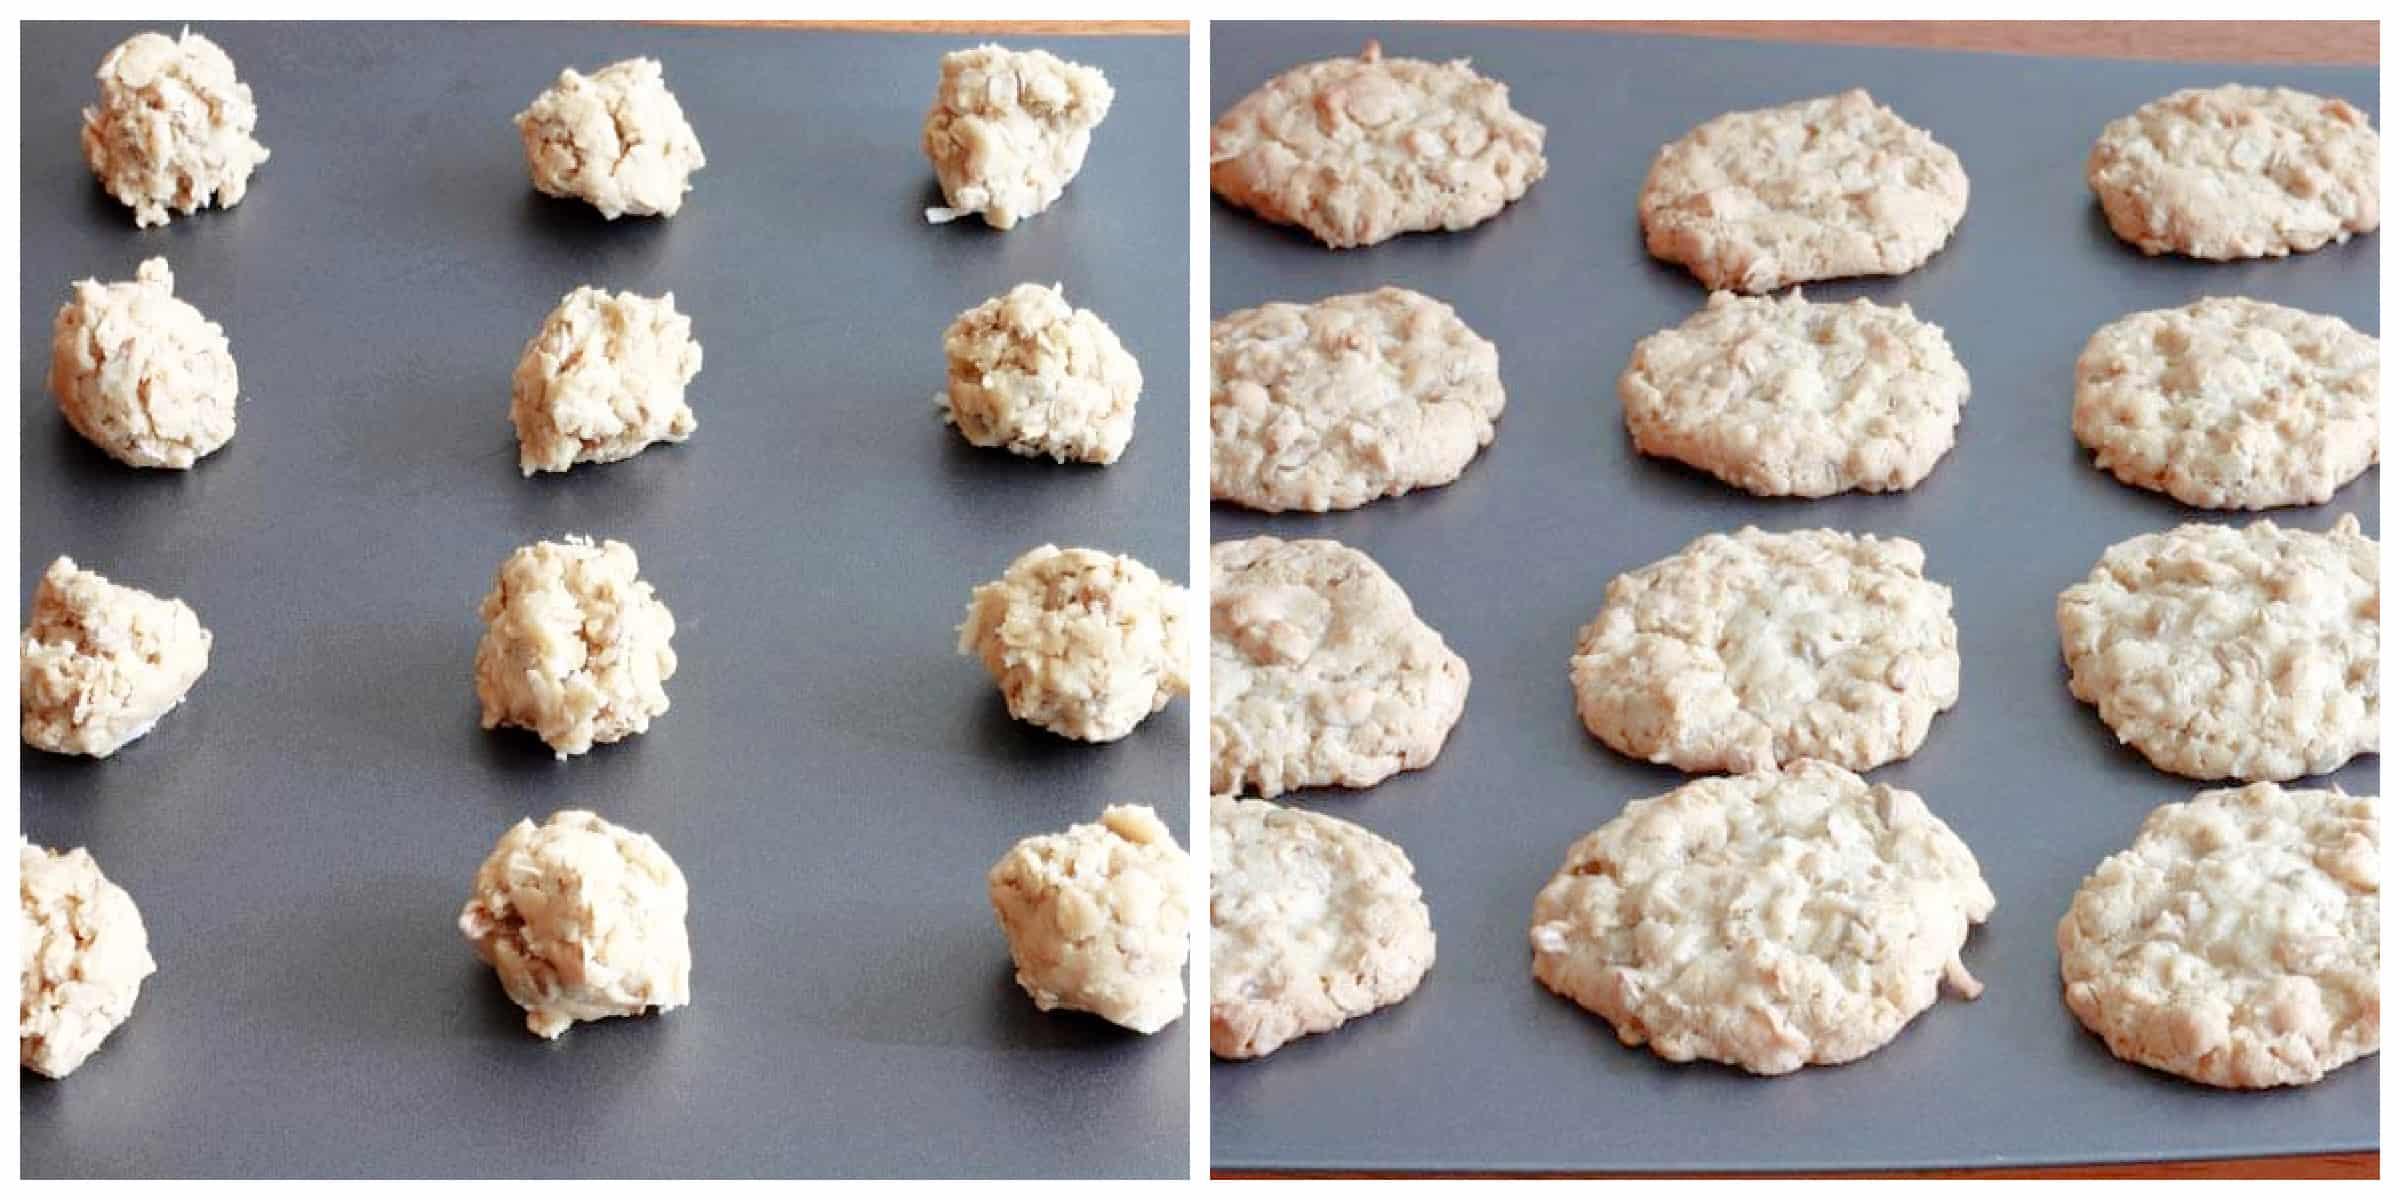 baking cookies on cookie sheet